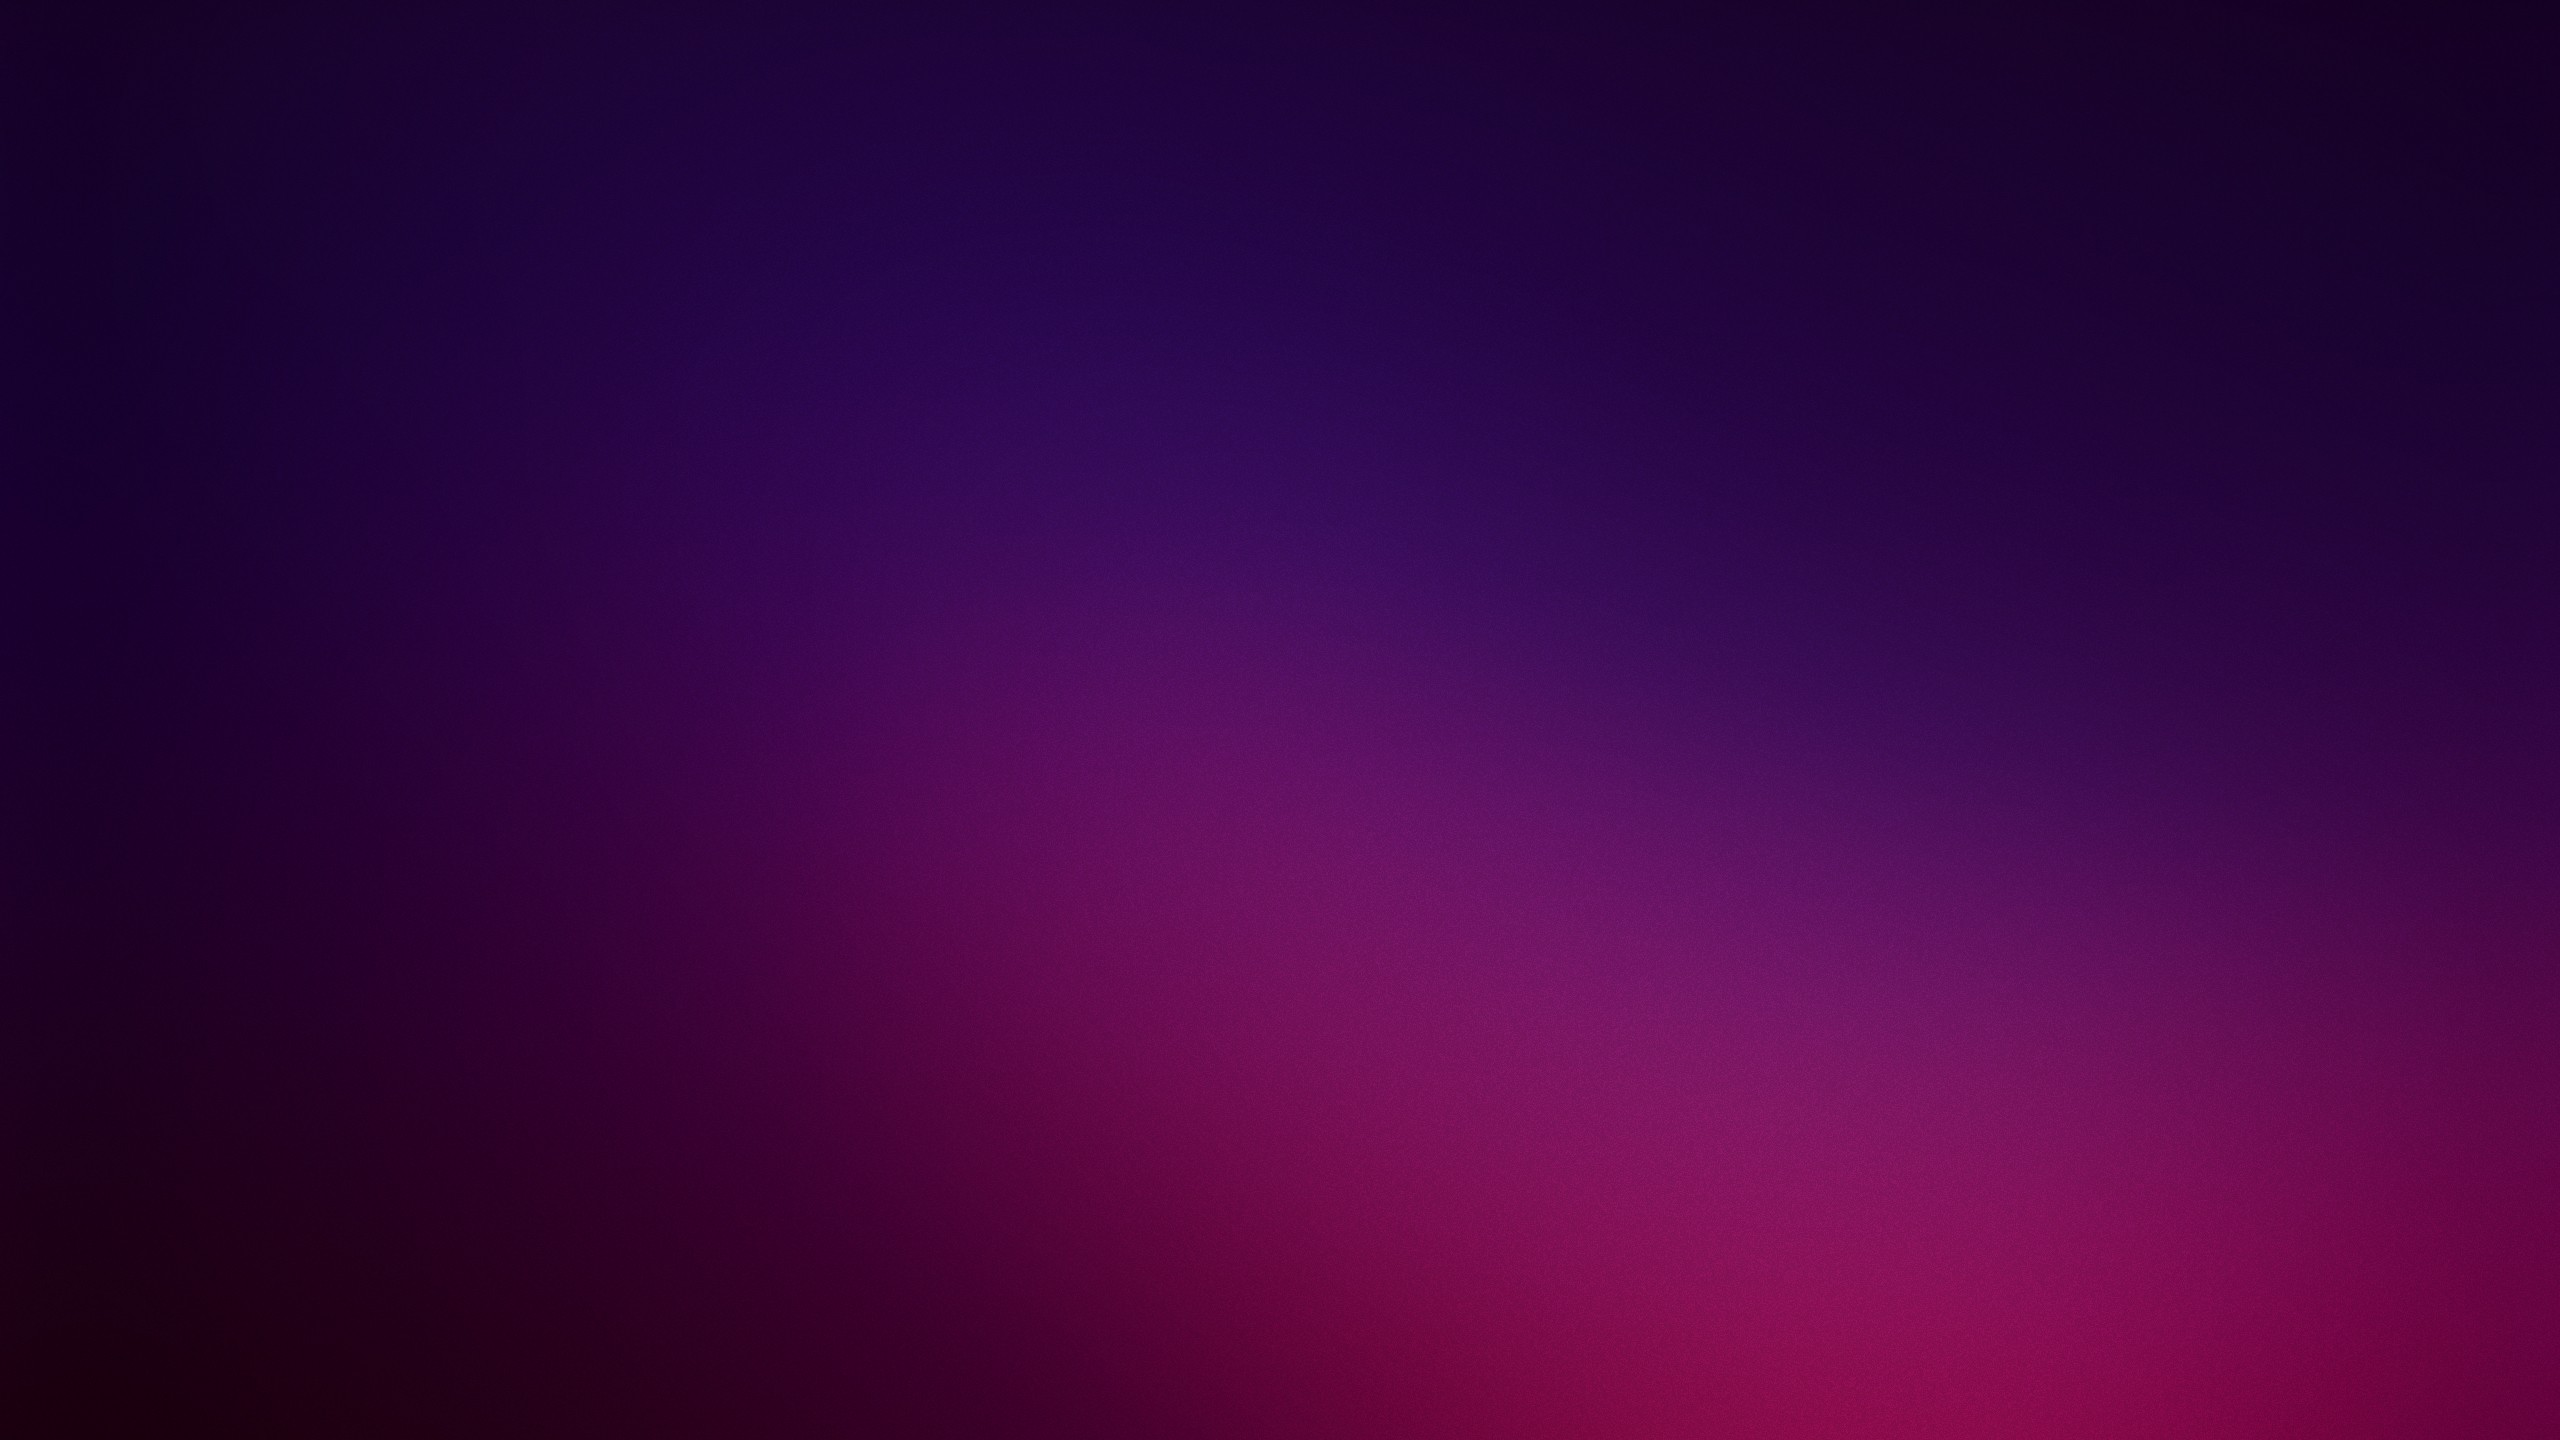 pink harley davidson logo wallpaper